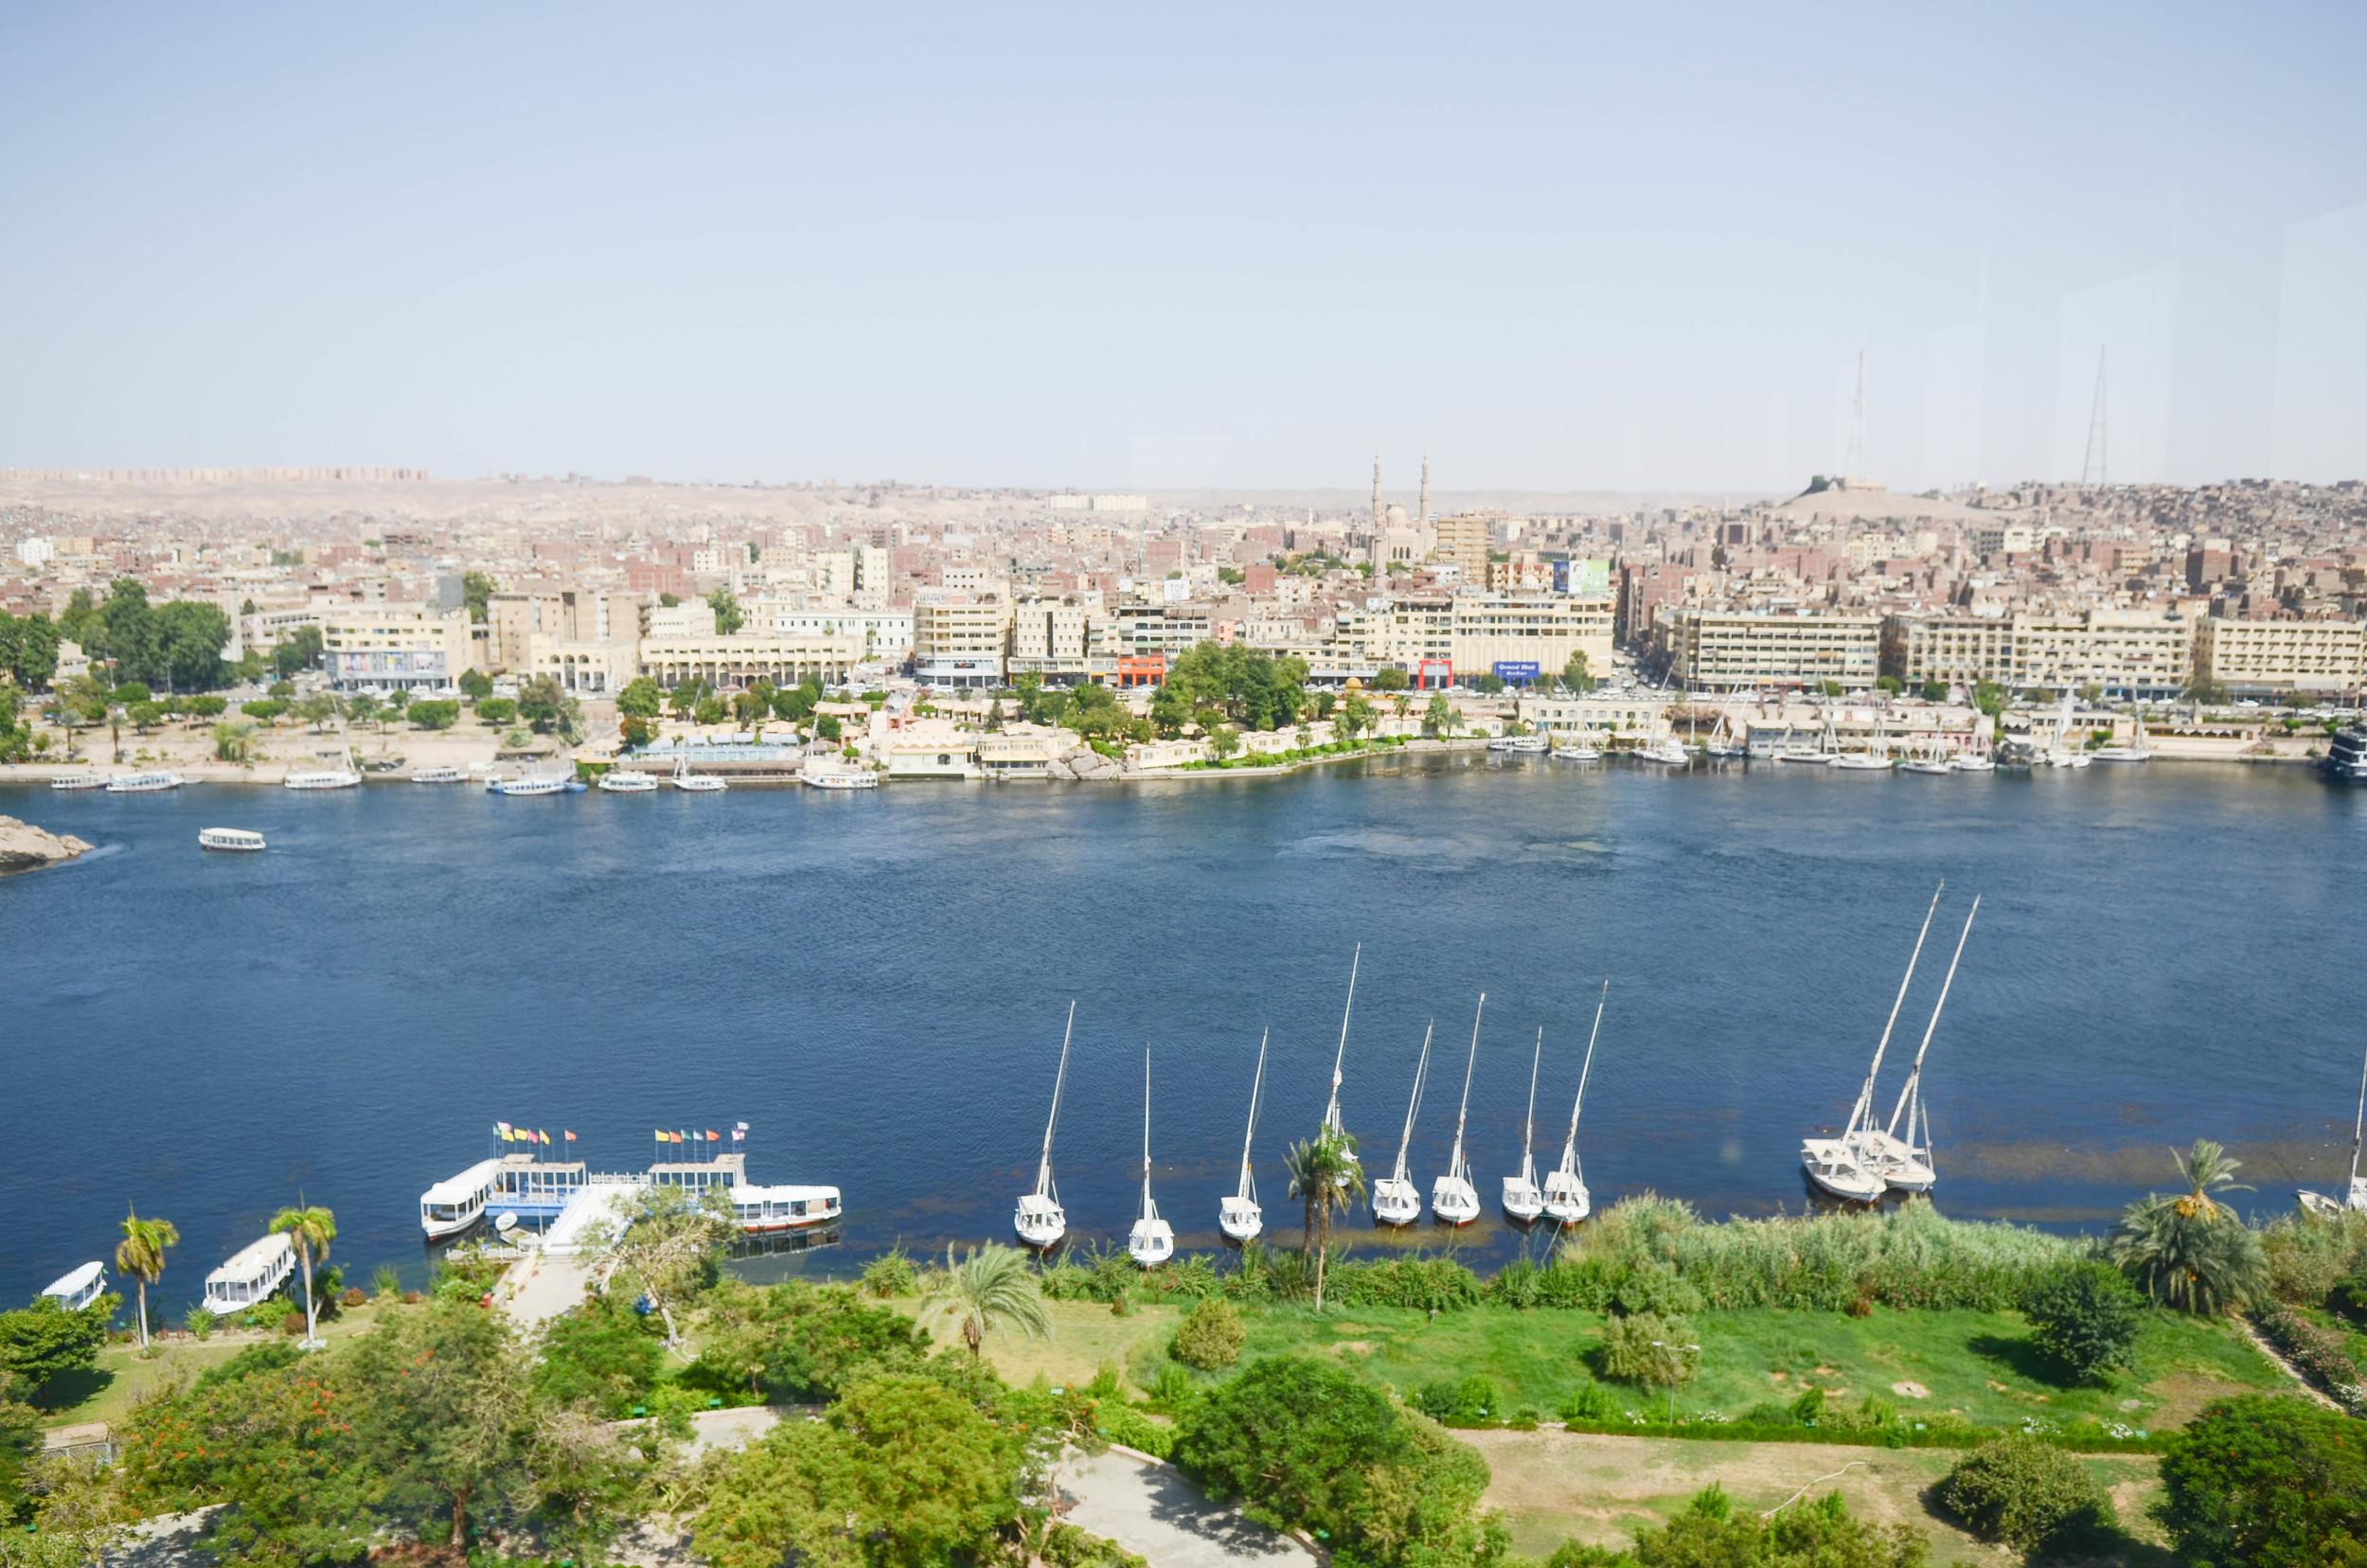 Aswan - Published-23